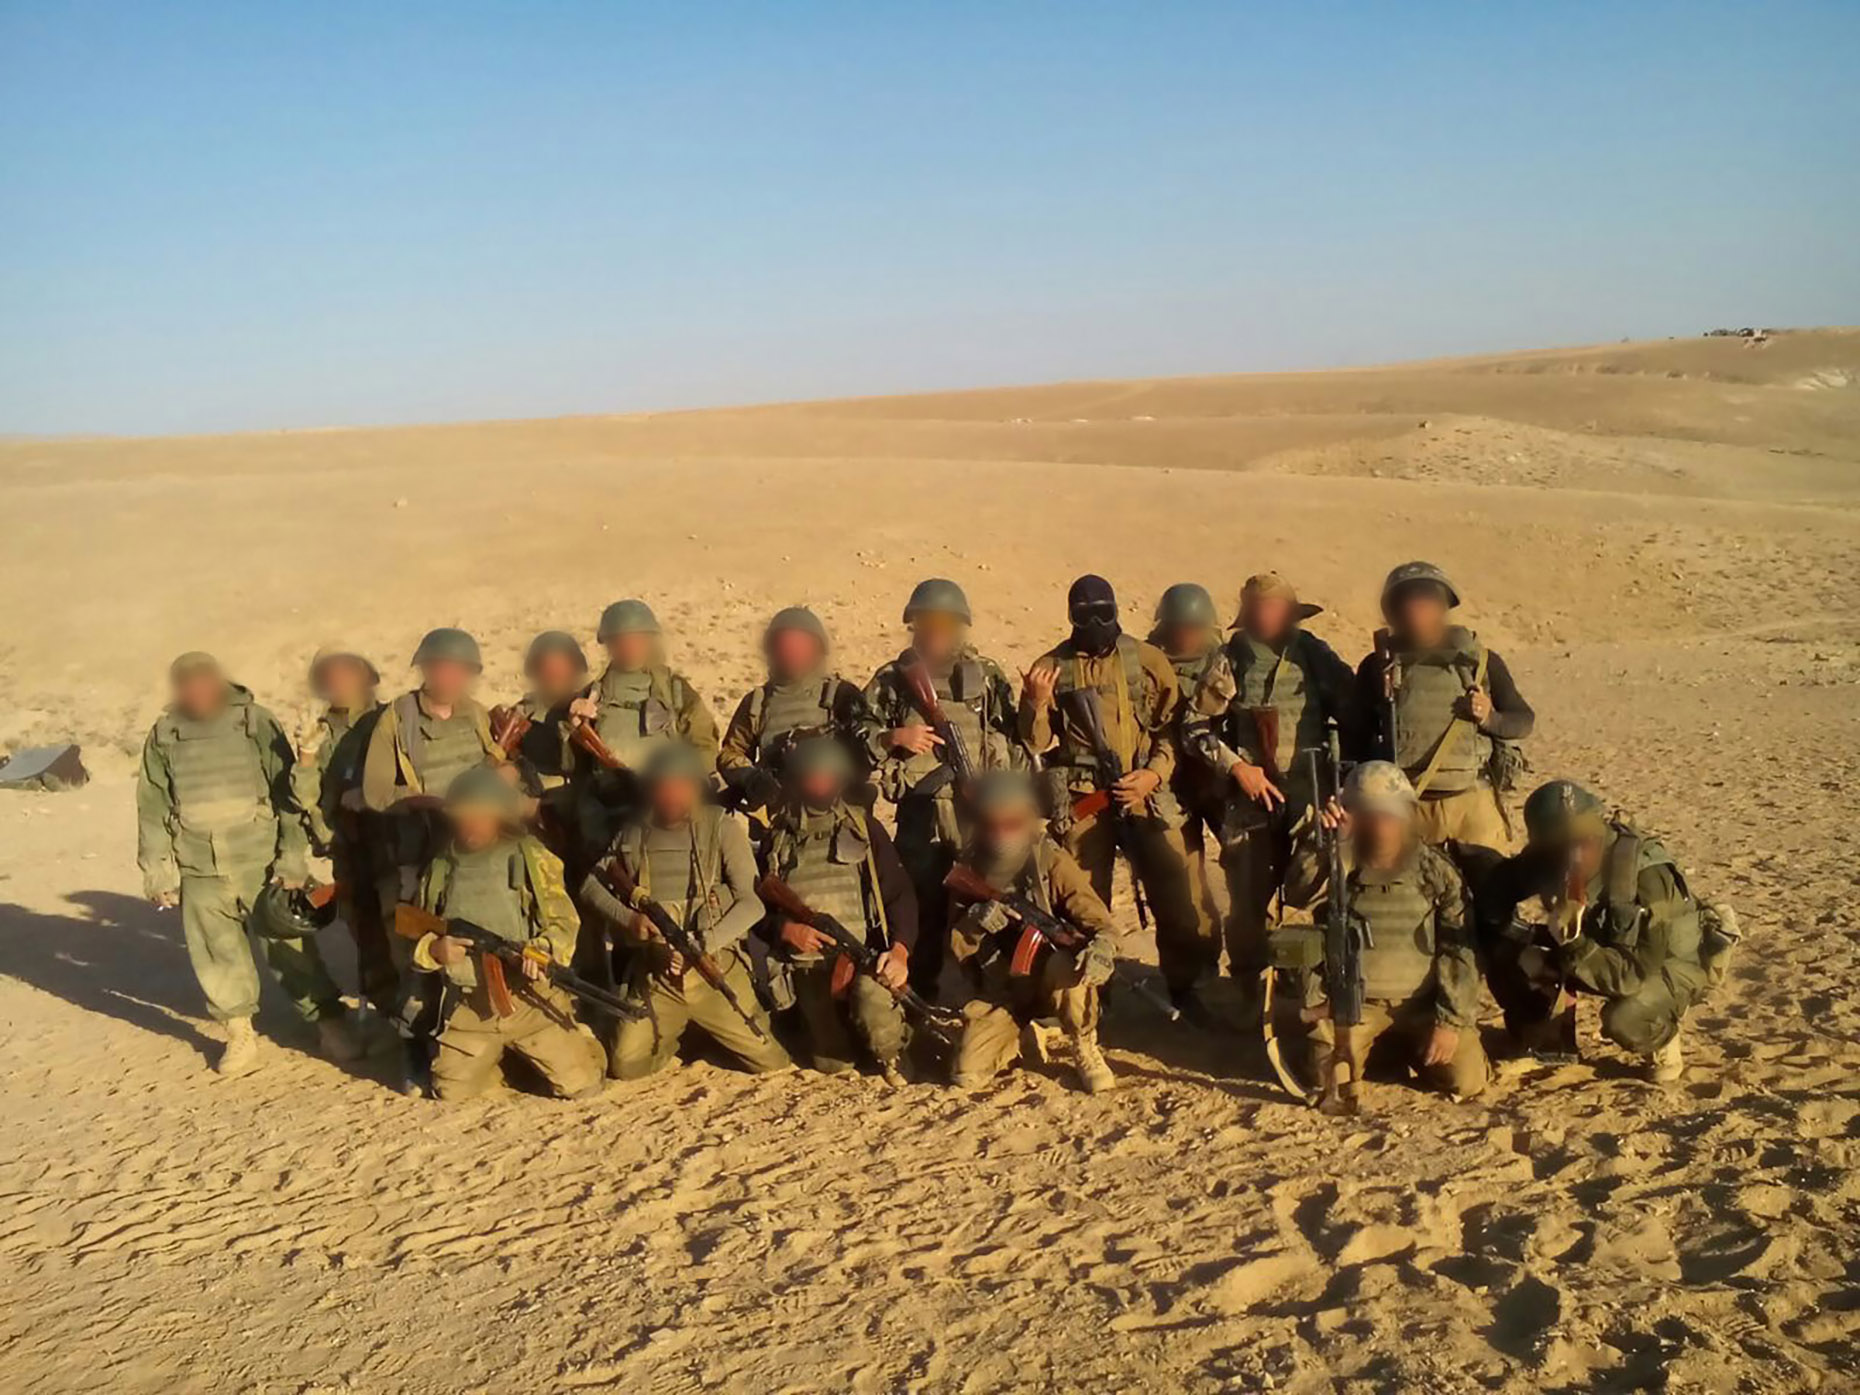 Đội quân bí mật của Nga đổ bộ vào quốc gia Trung Phi như thế nào? - Hình 2